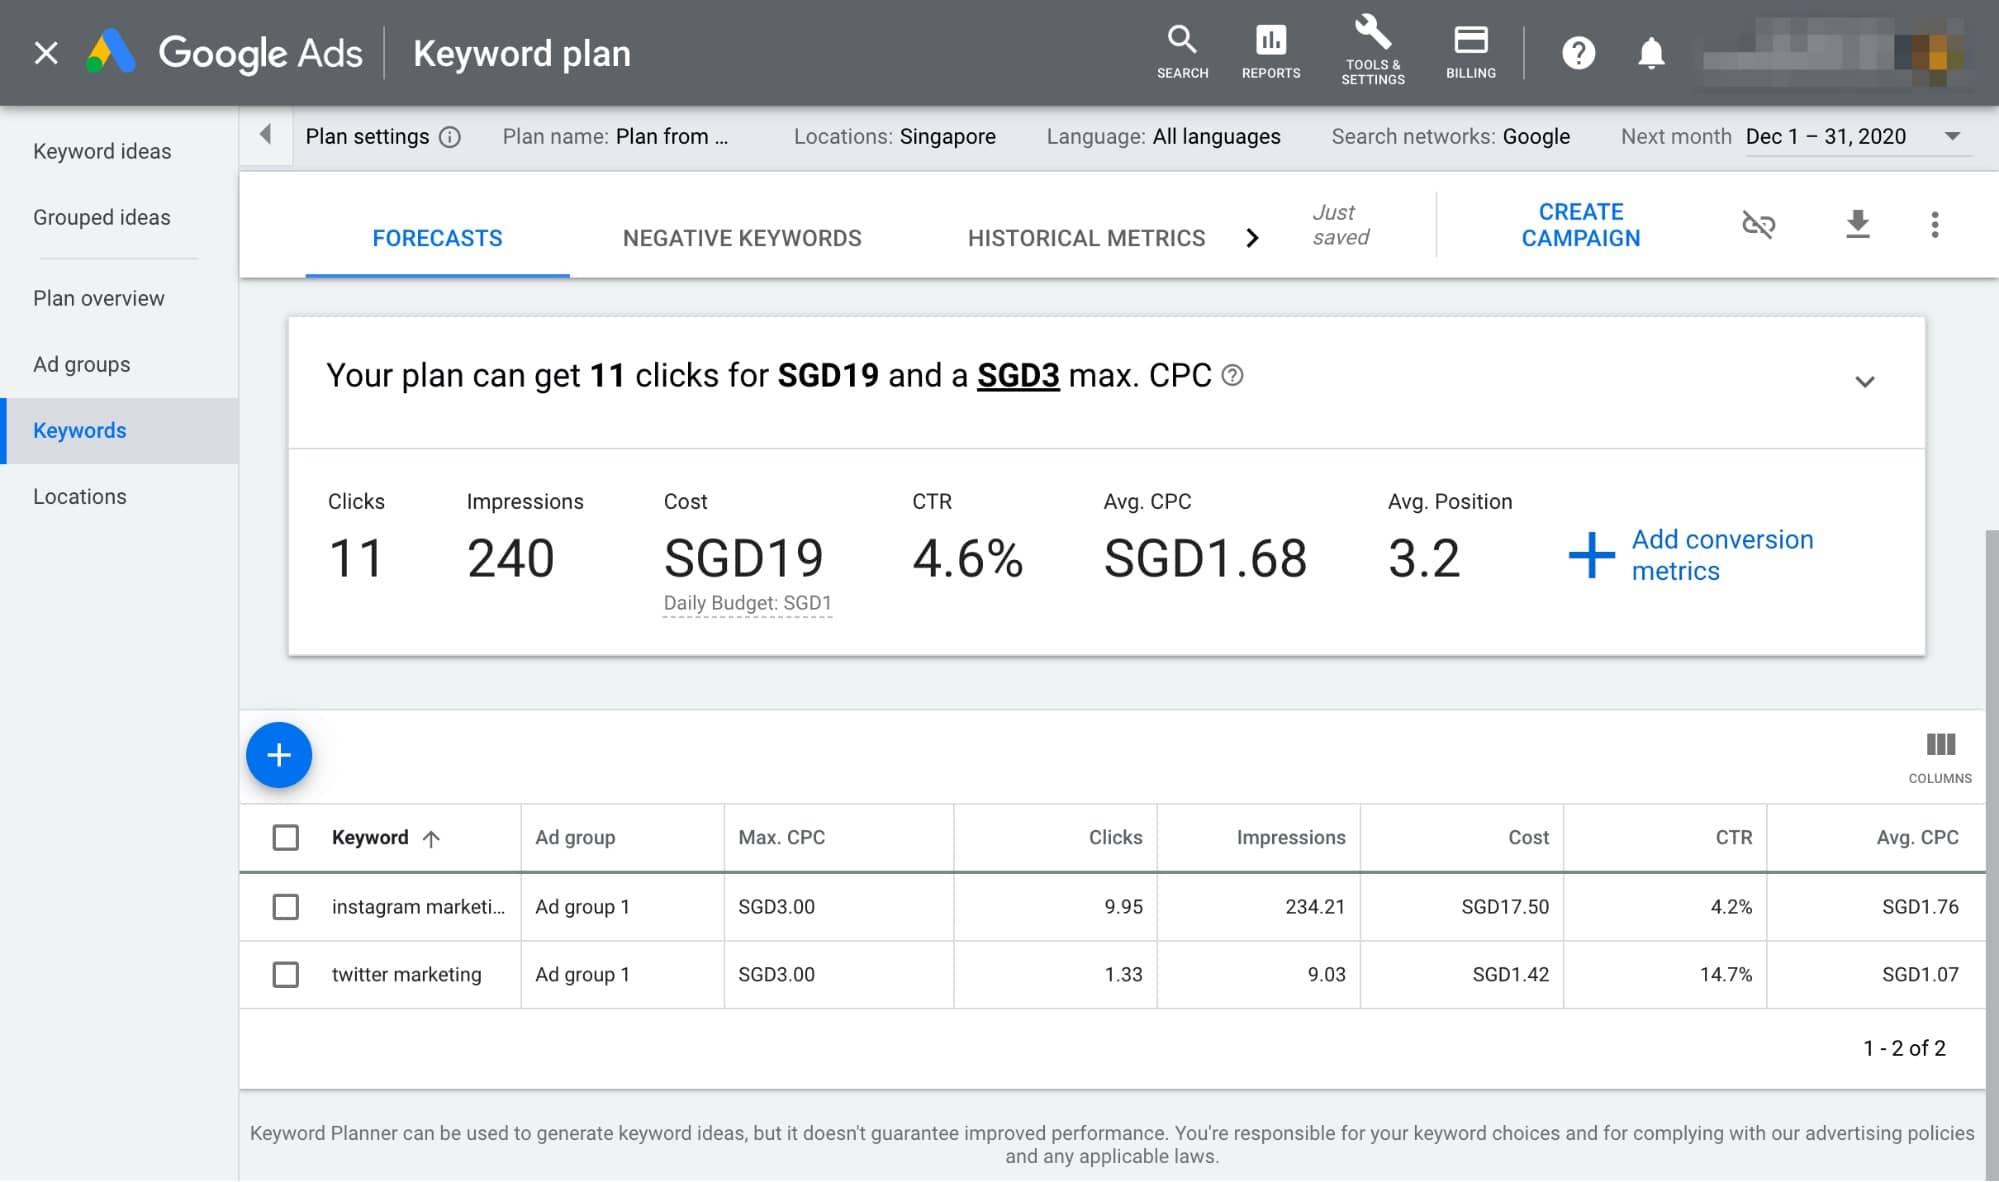 گوگل کیورد پلنر ( Google Keyword Planner ) | ابزار های سئو و بهینه سازی سایت به صورت رایگان | وب جوان